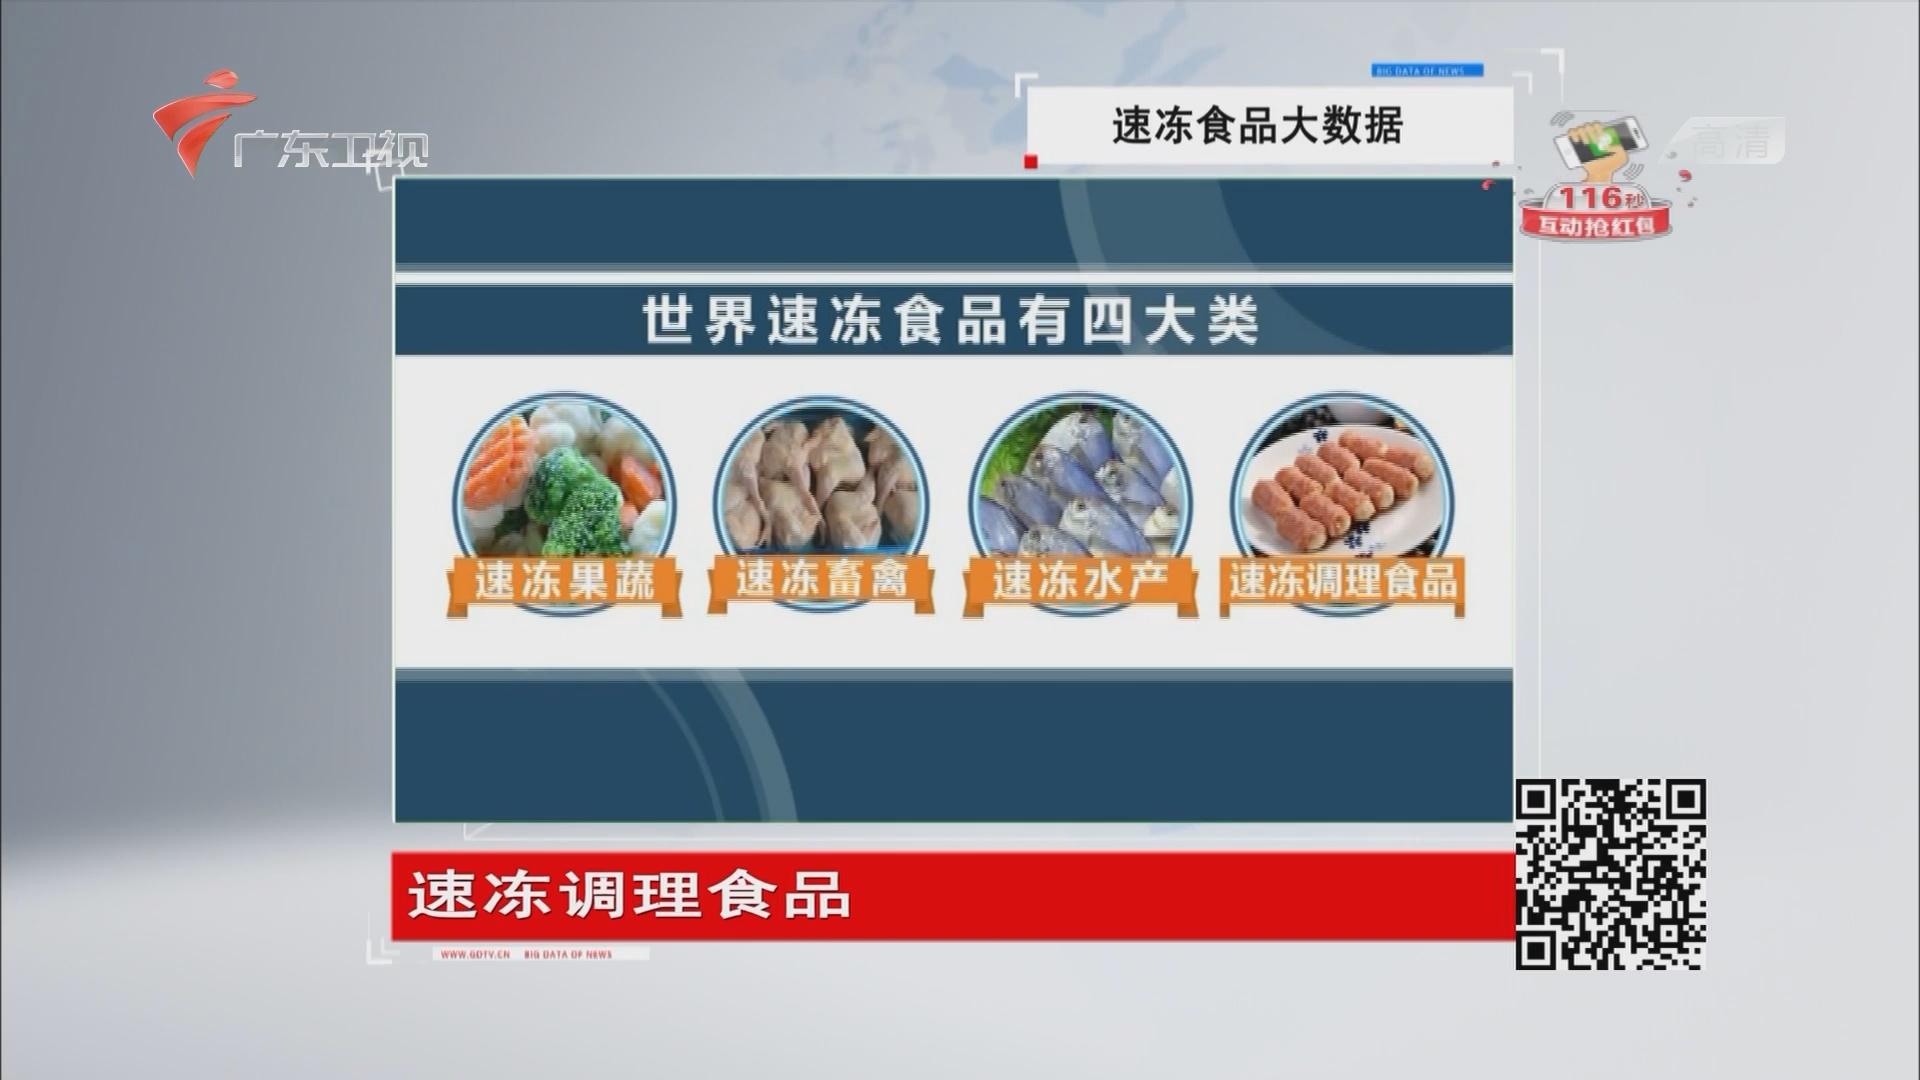 速冻食品大数据